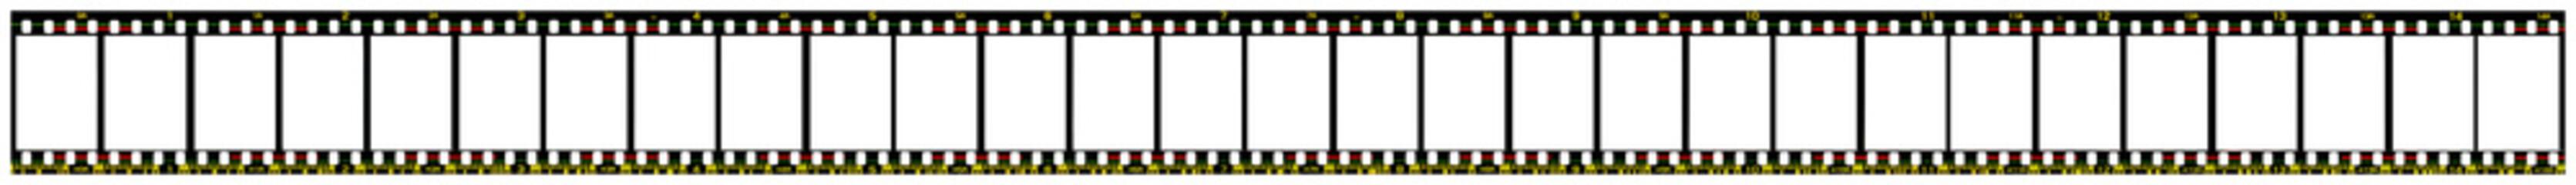 Filmstreifen für 18x24mm Halbformat auf Kleinbildfilm